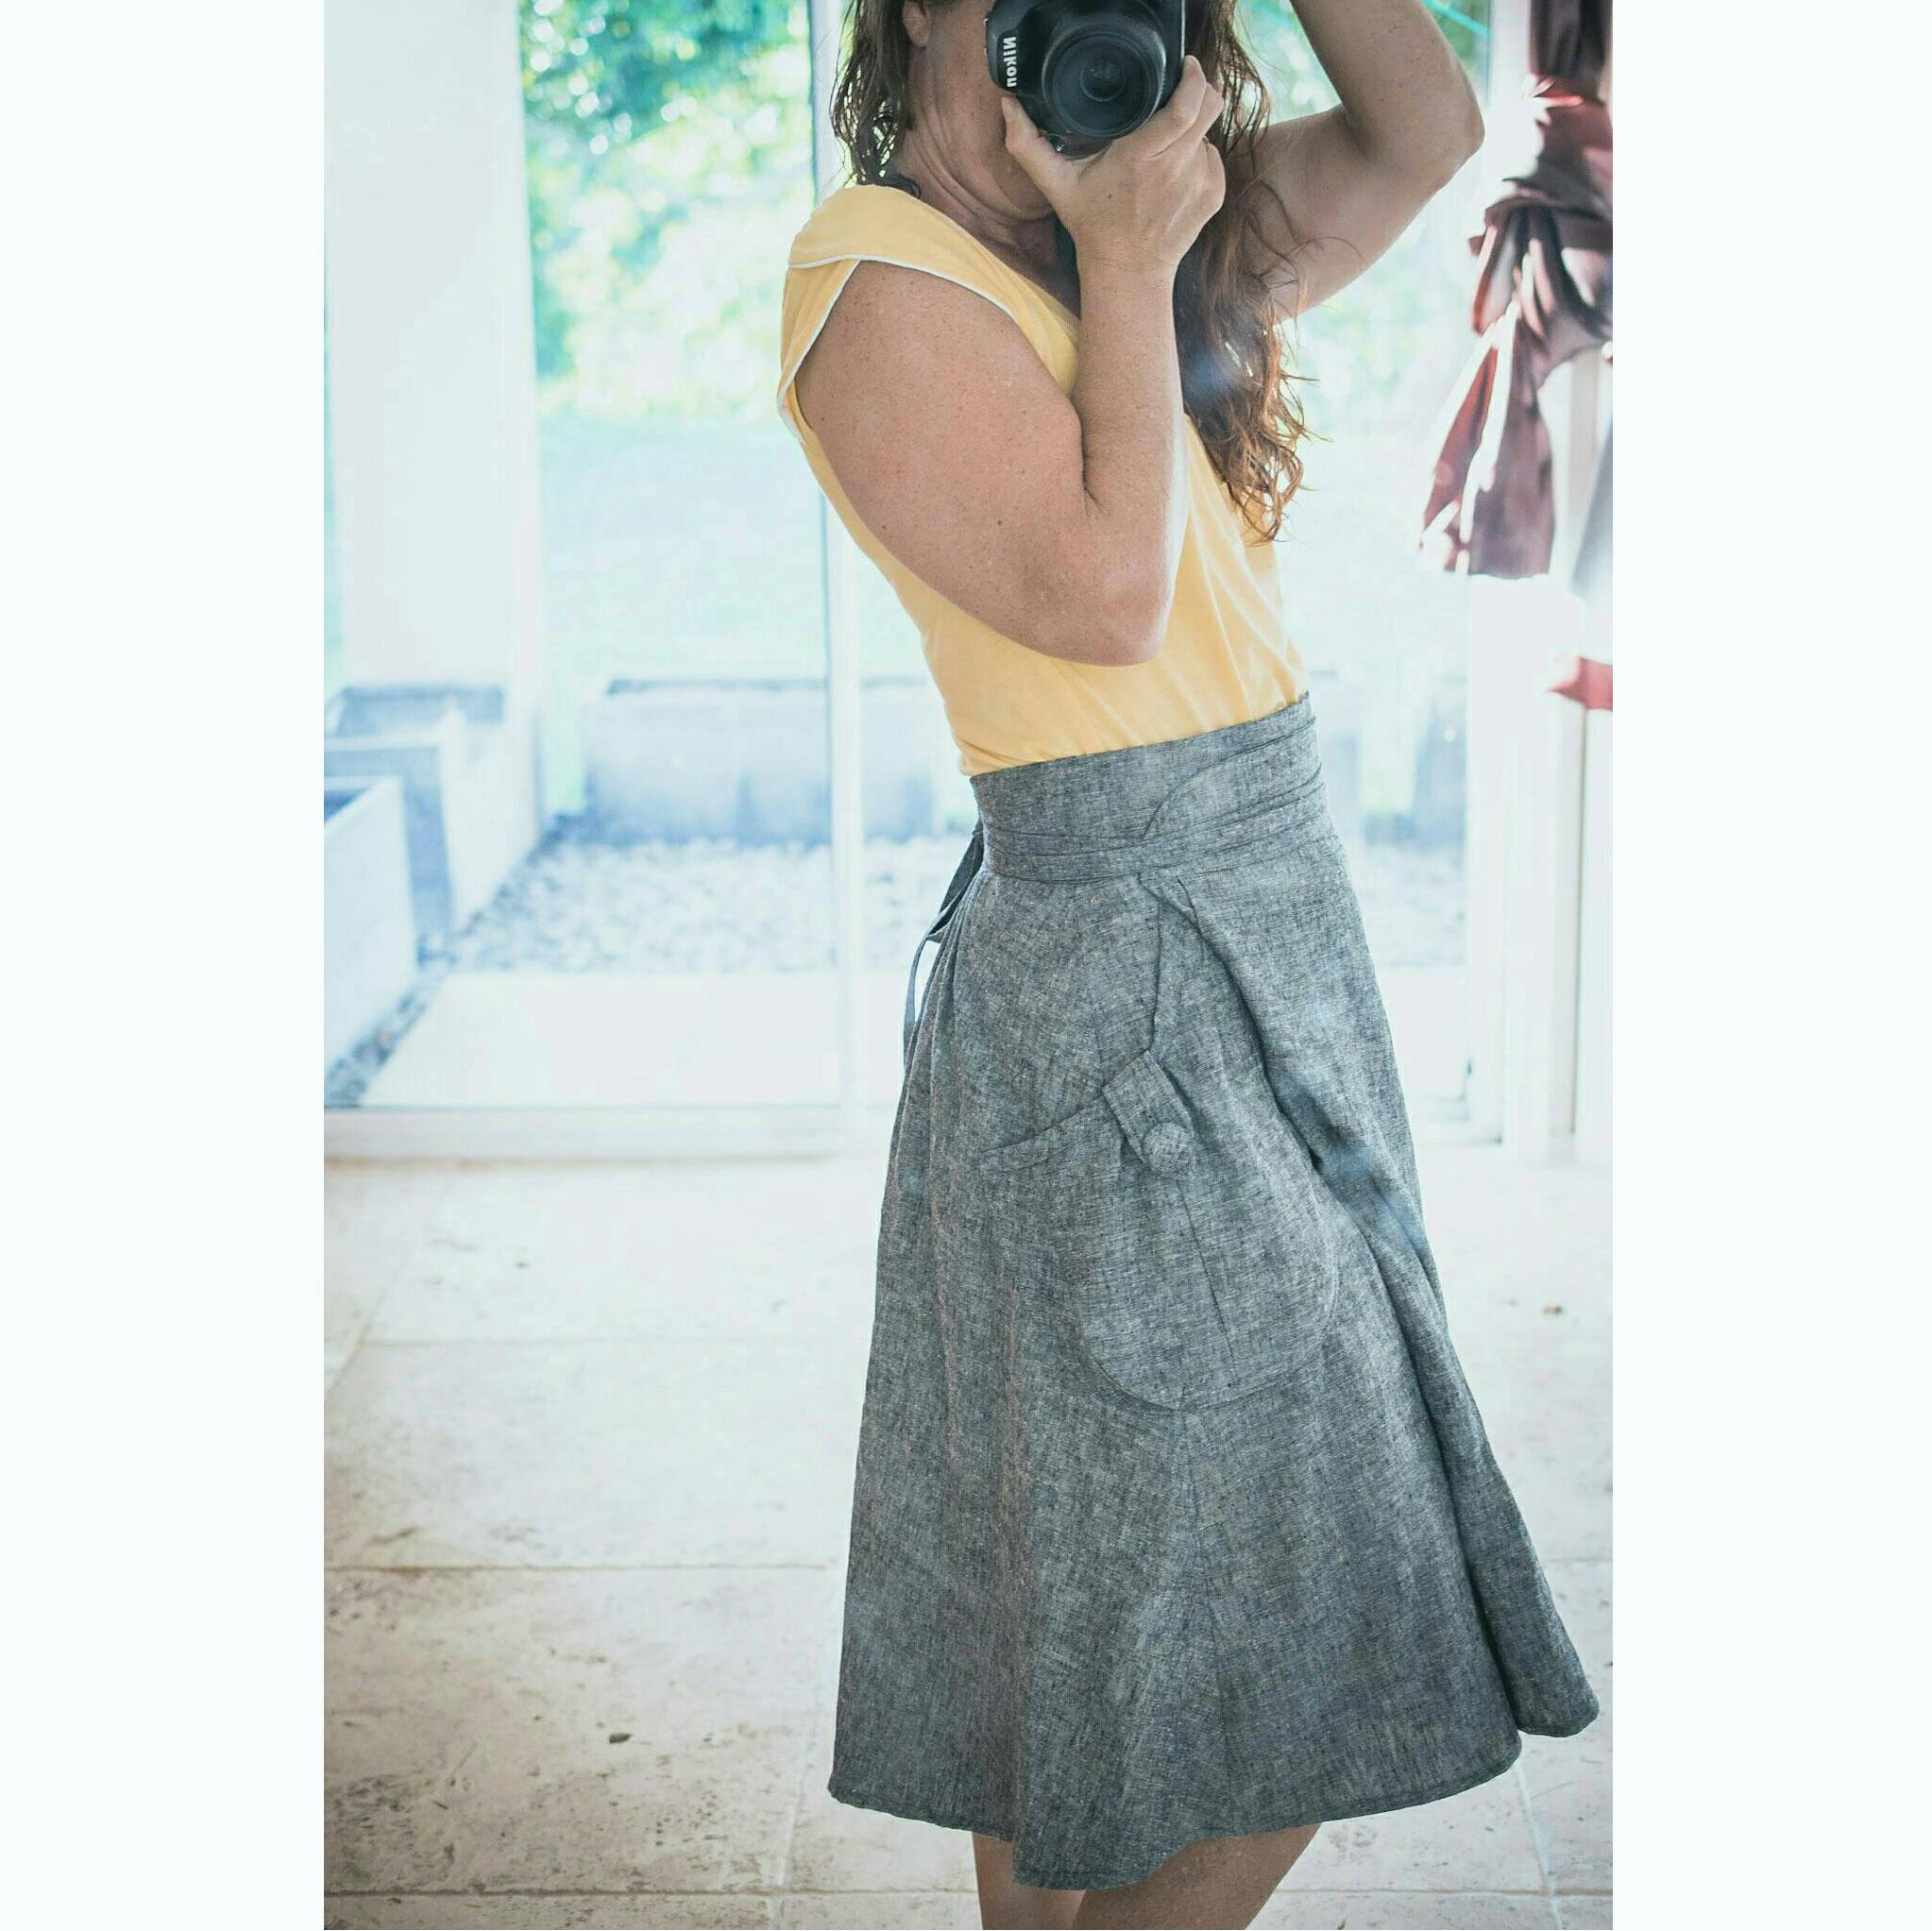 Heartland Skirt